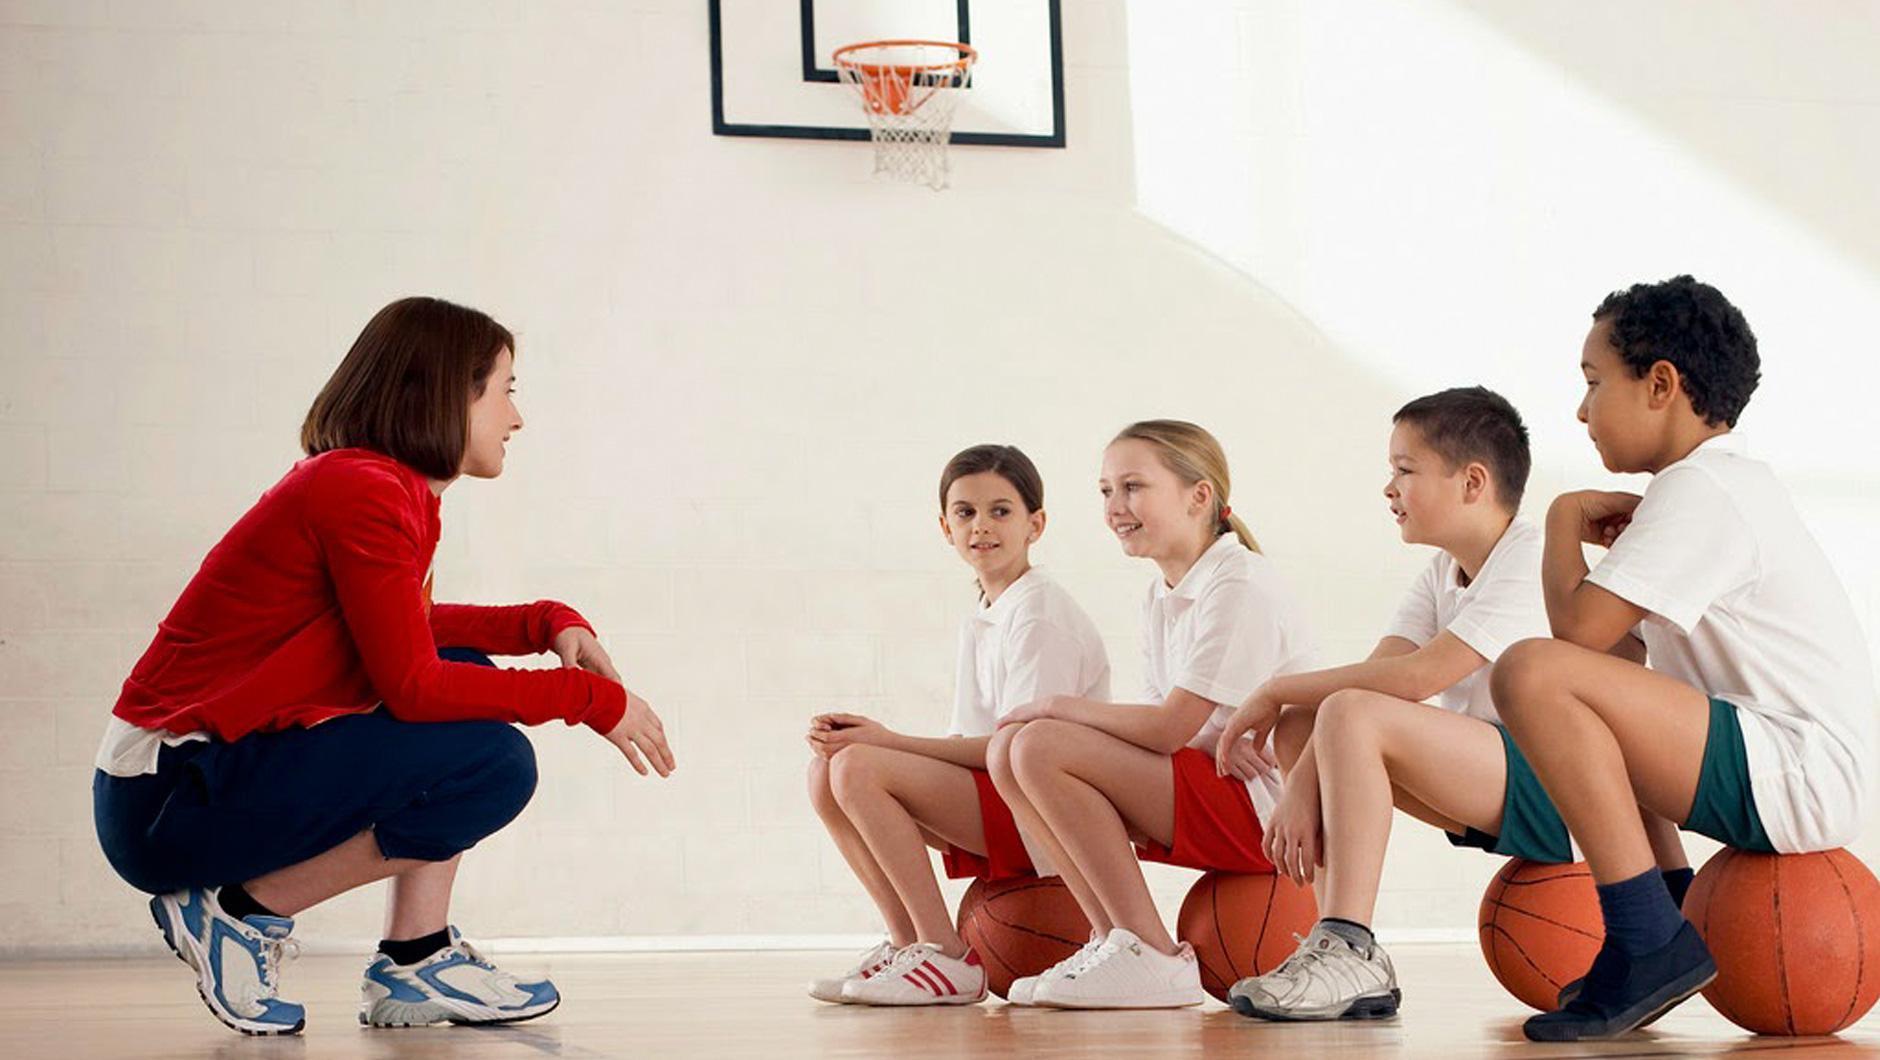 Педагогическое образование: теория и методика преподавания физической культуры в образовательных организациях в условиях реализации ФГОС